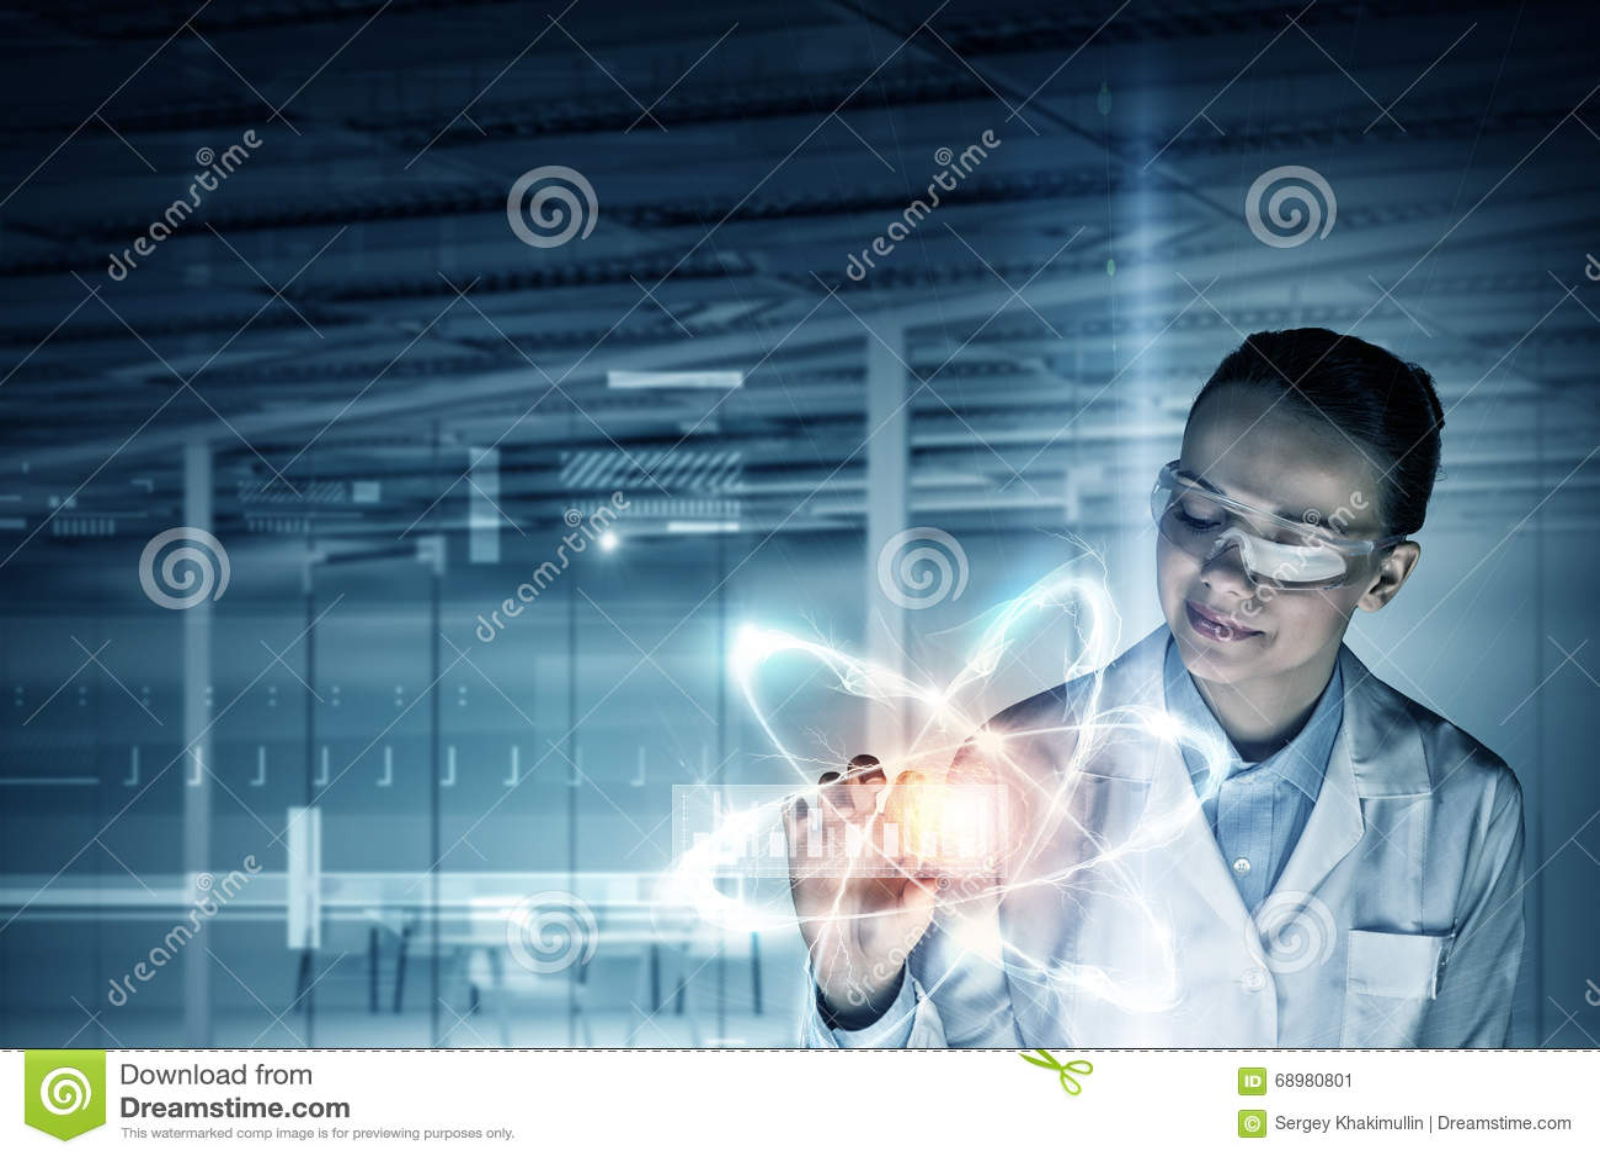 Tecnologías innovadoras en ciencia y medicina